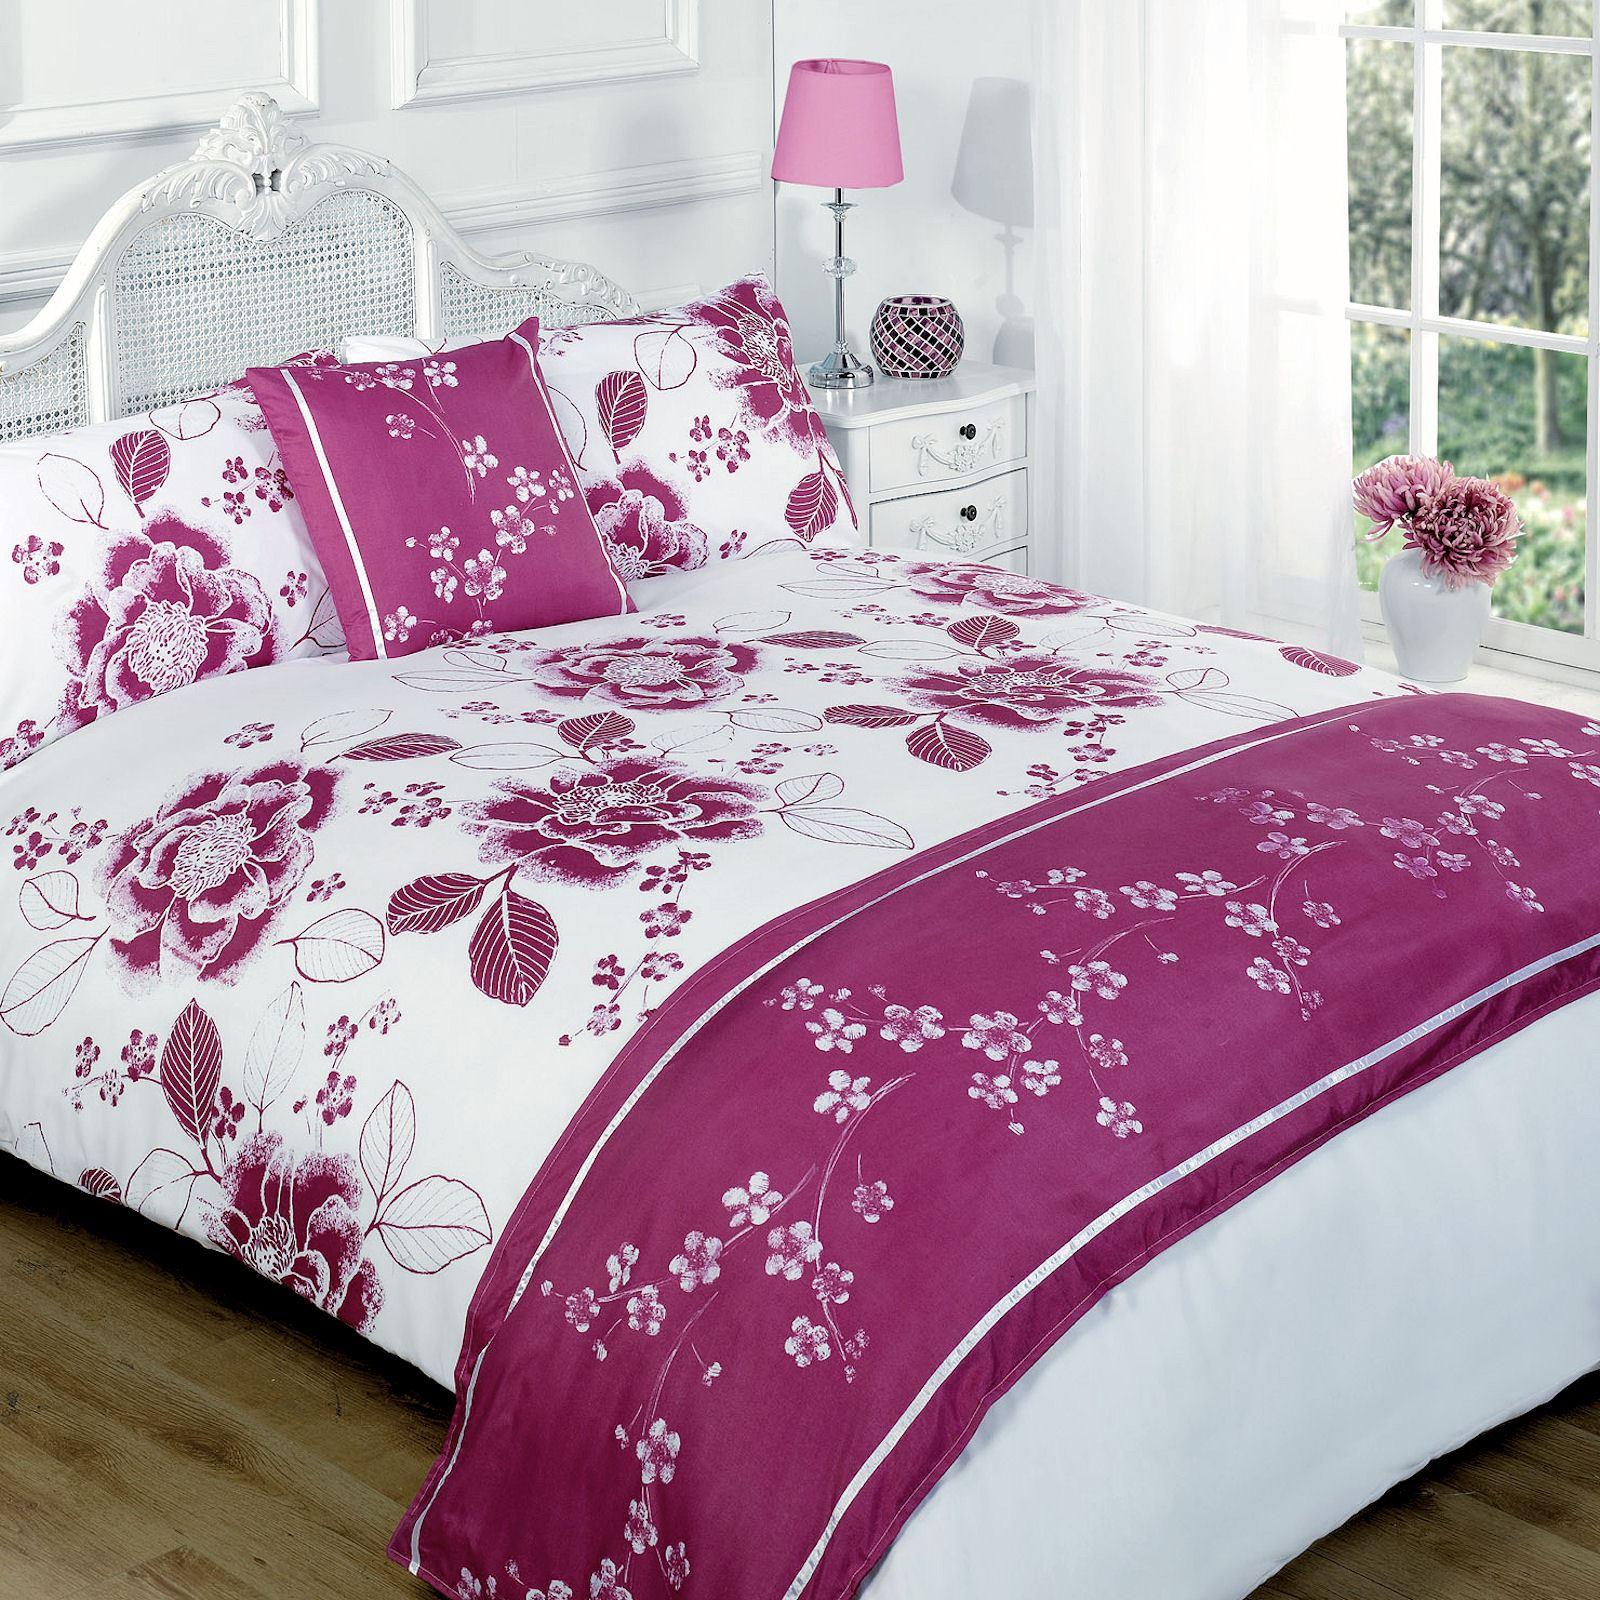 Bloom Purple Floral Dark Pink Duvet Quilt Set Bed in a Bag Cushion